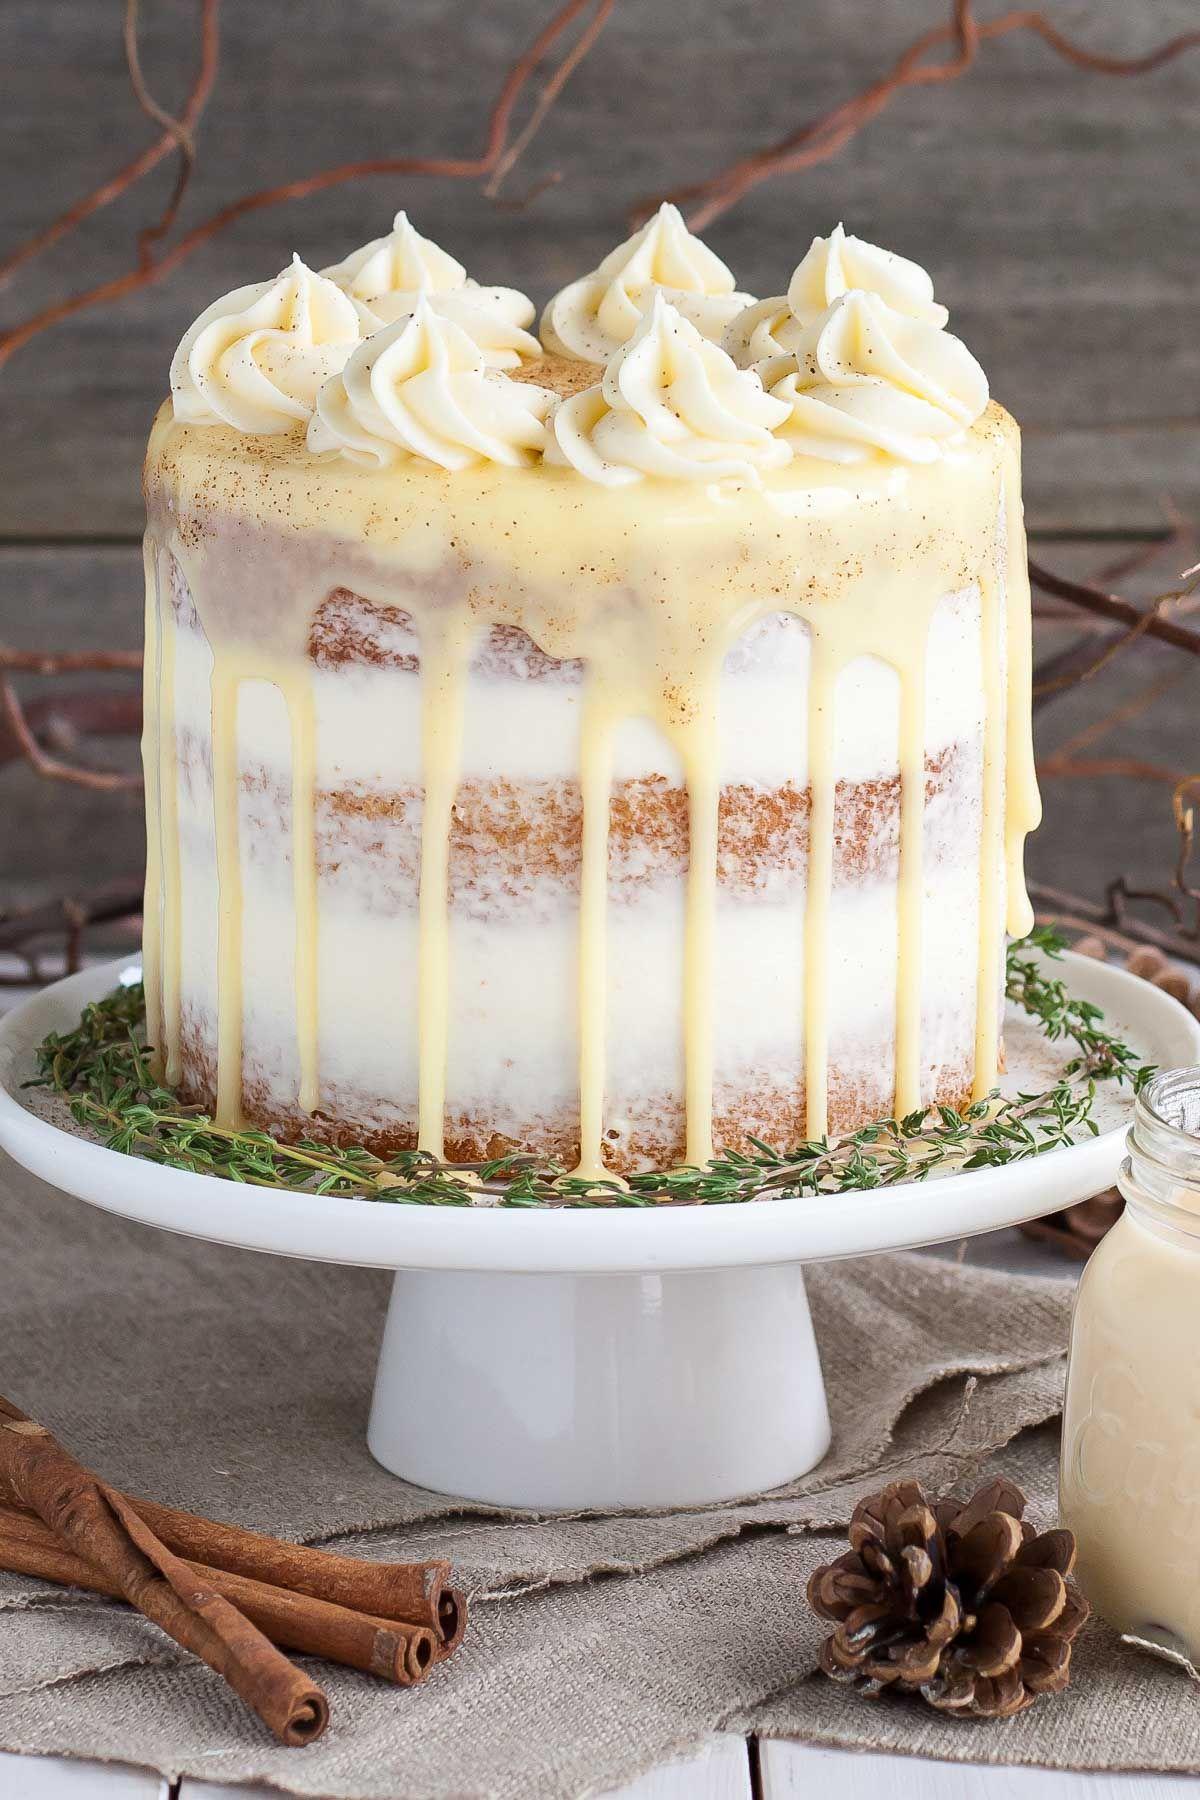 homemade eggnog desserts cake